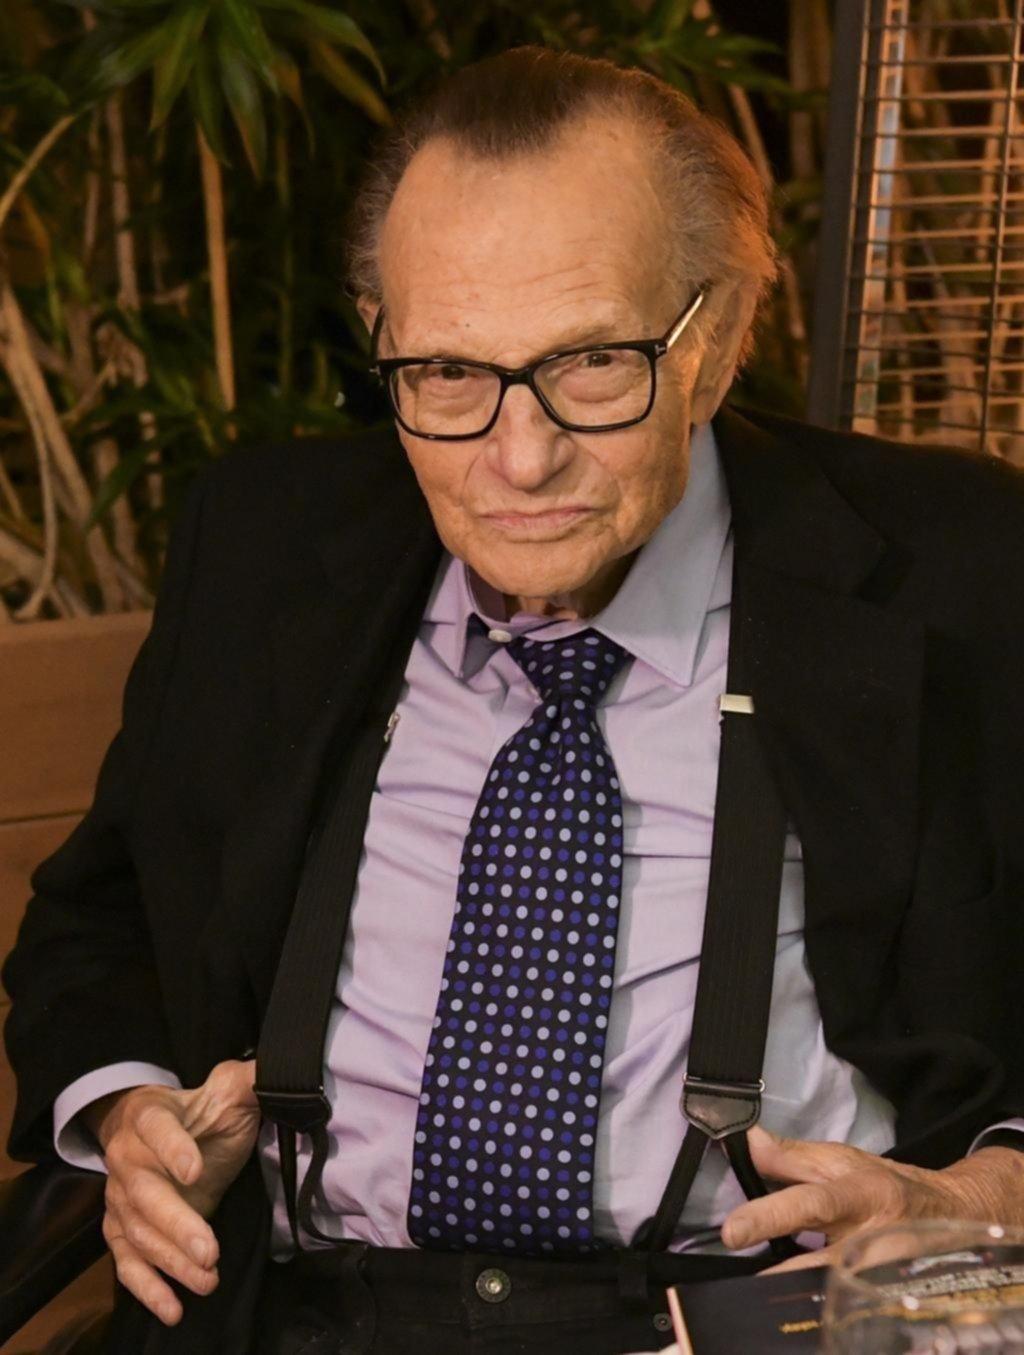 """Adiós a Larry King, el hombre de tiradores y lentes que """"confesó"""" a las personalidades"""